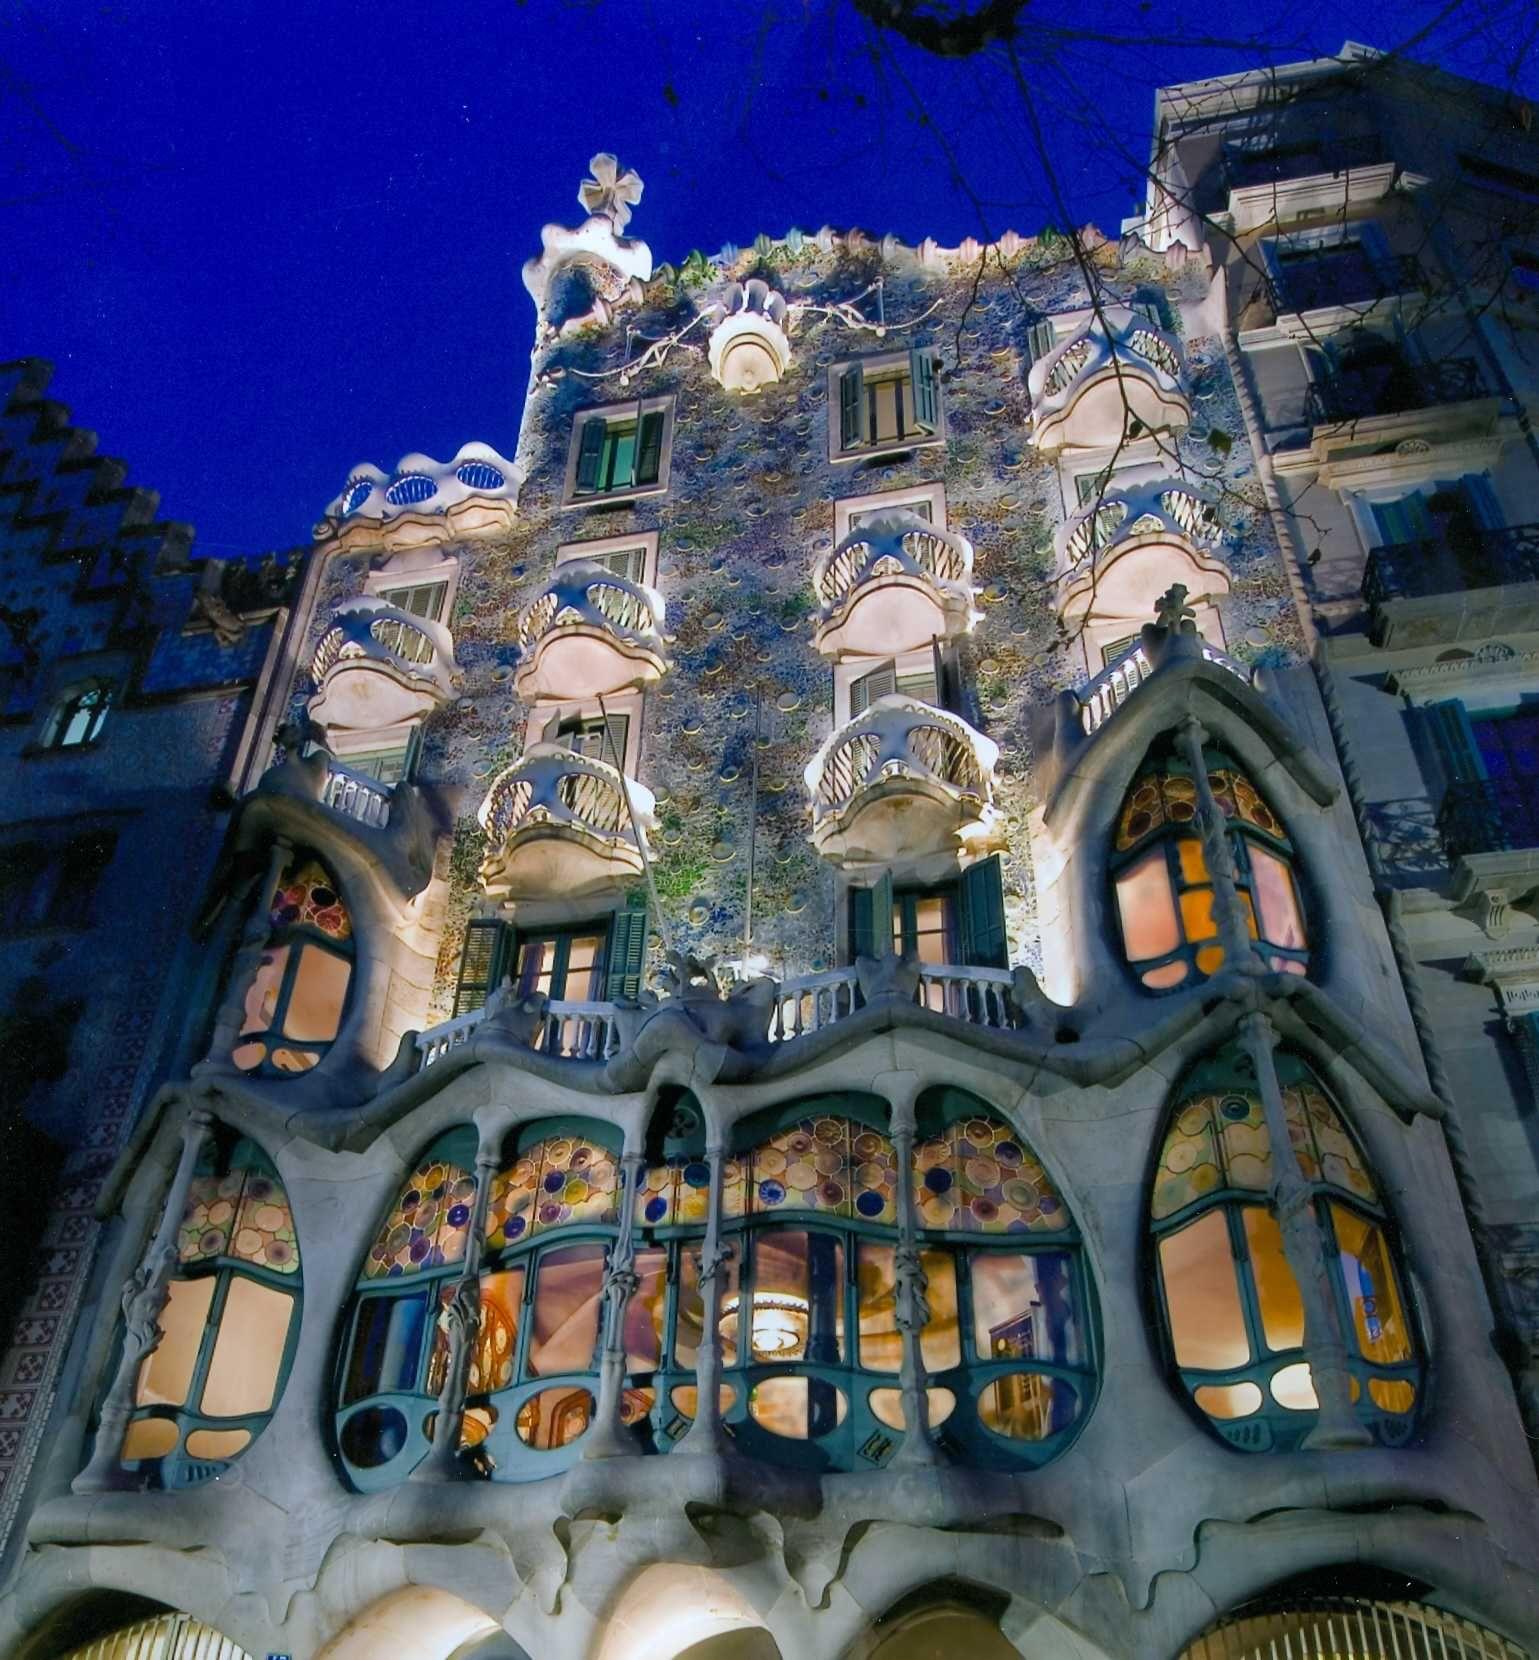 Antoni Gaudí - Casa Batlló - Barcelona, Spain